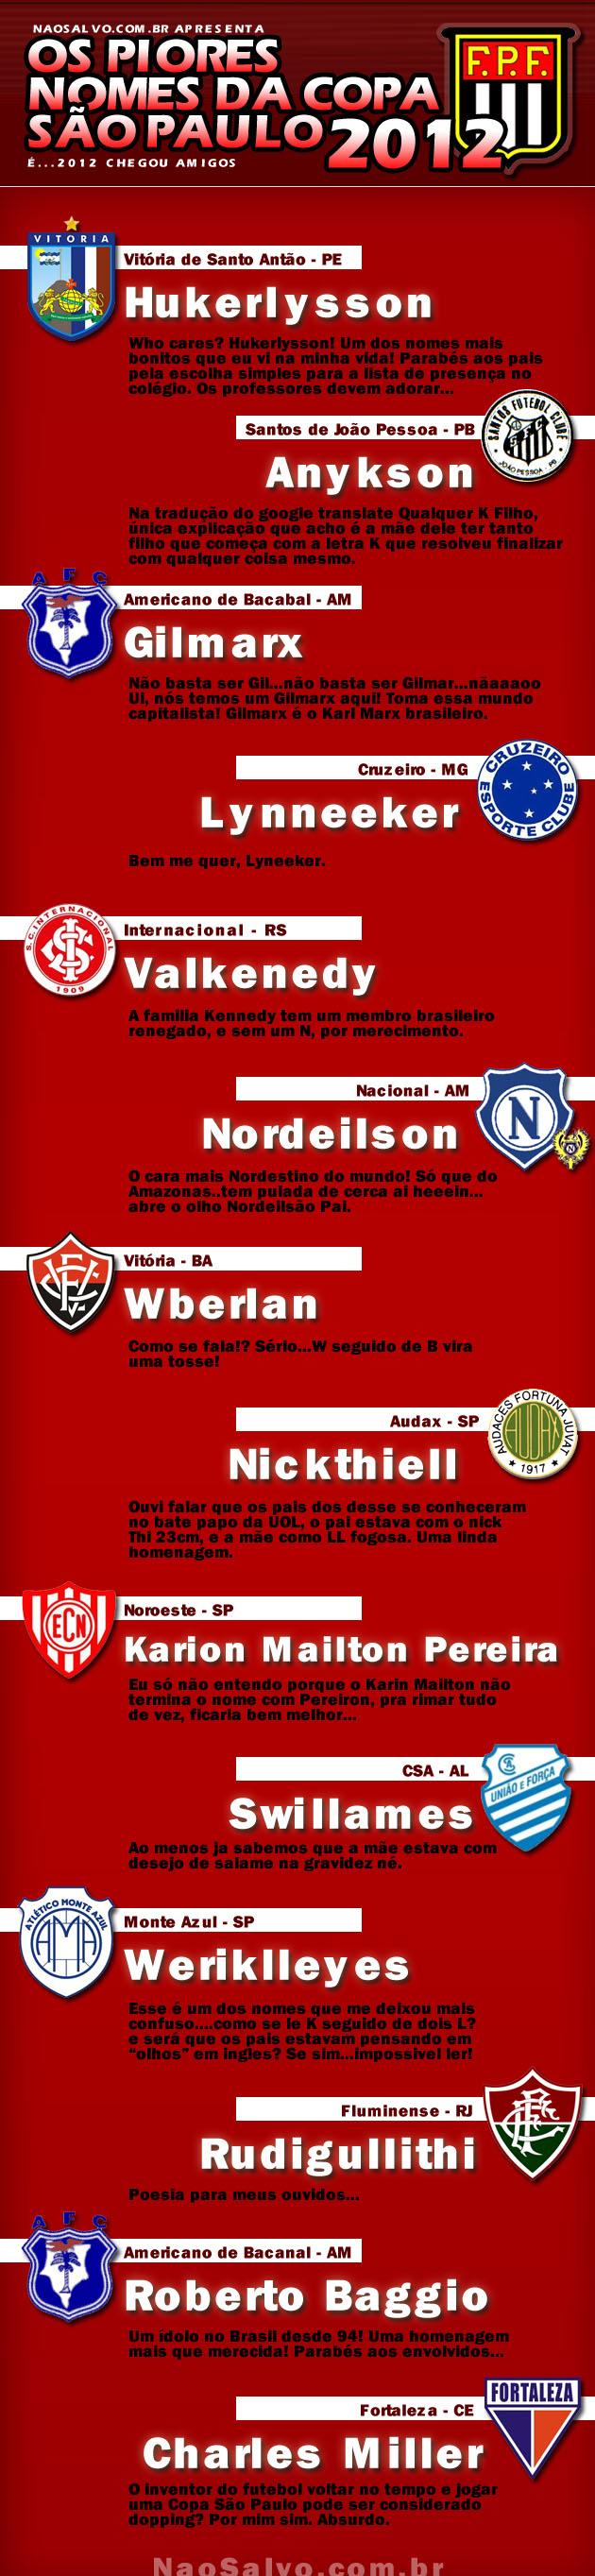 Os Piores Nomes de Jogadores da Copa São Paulo 2012